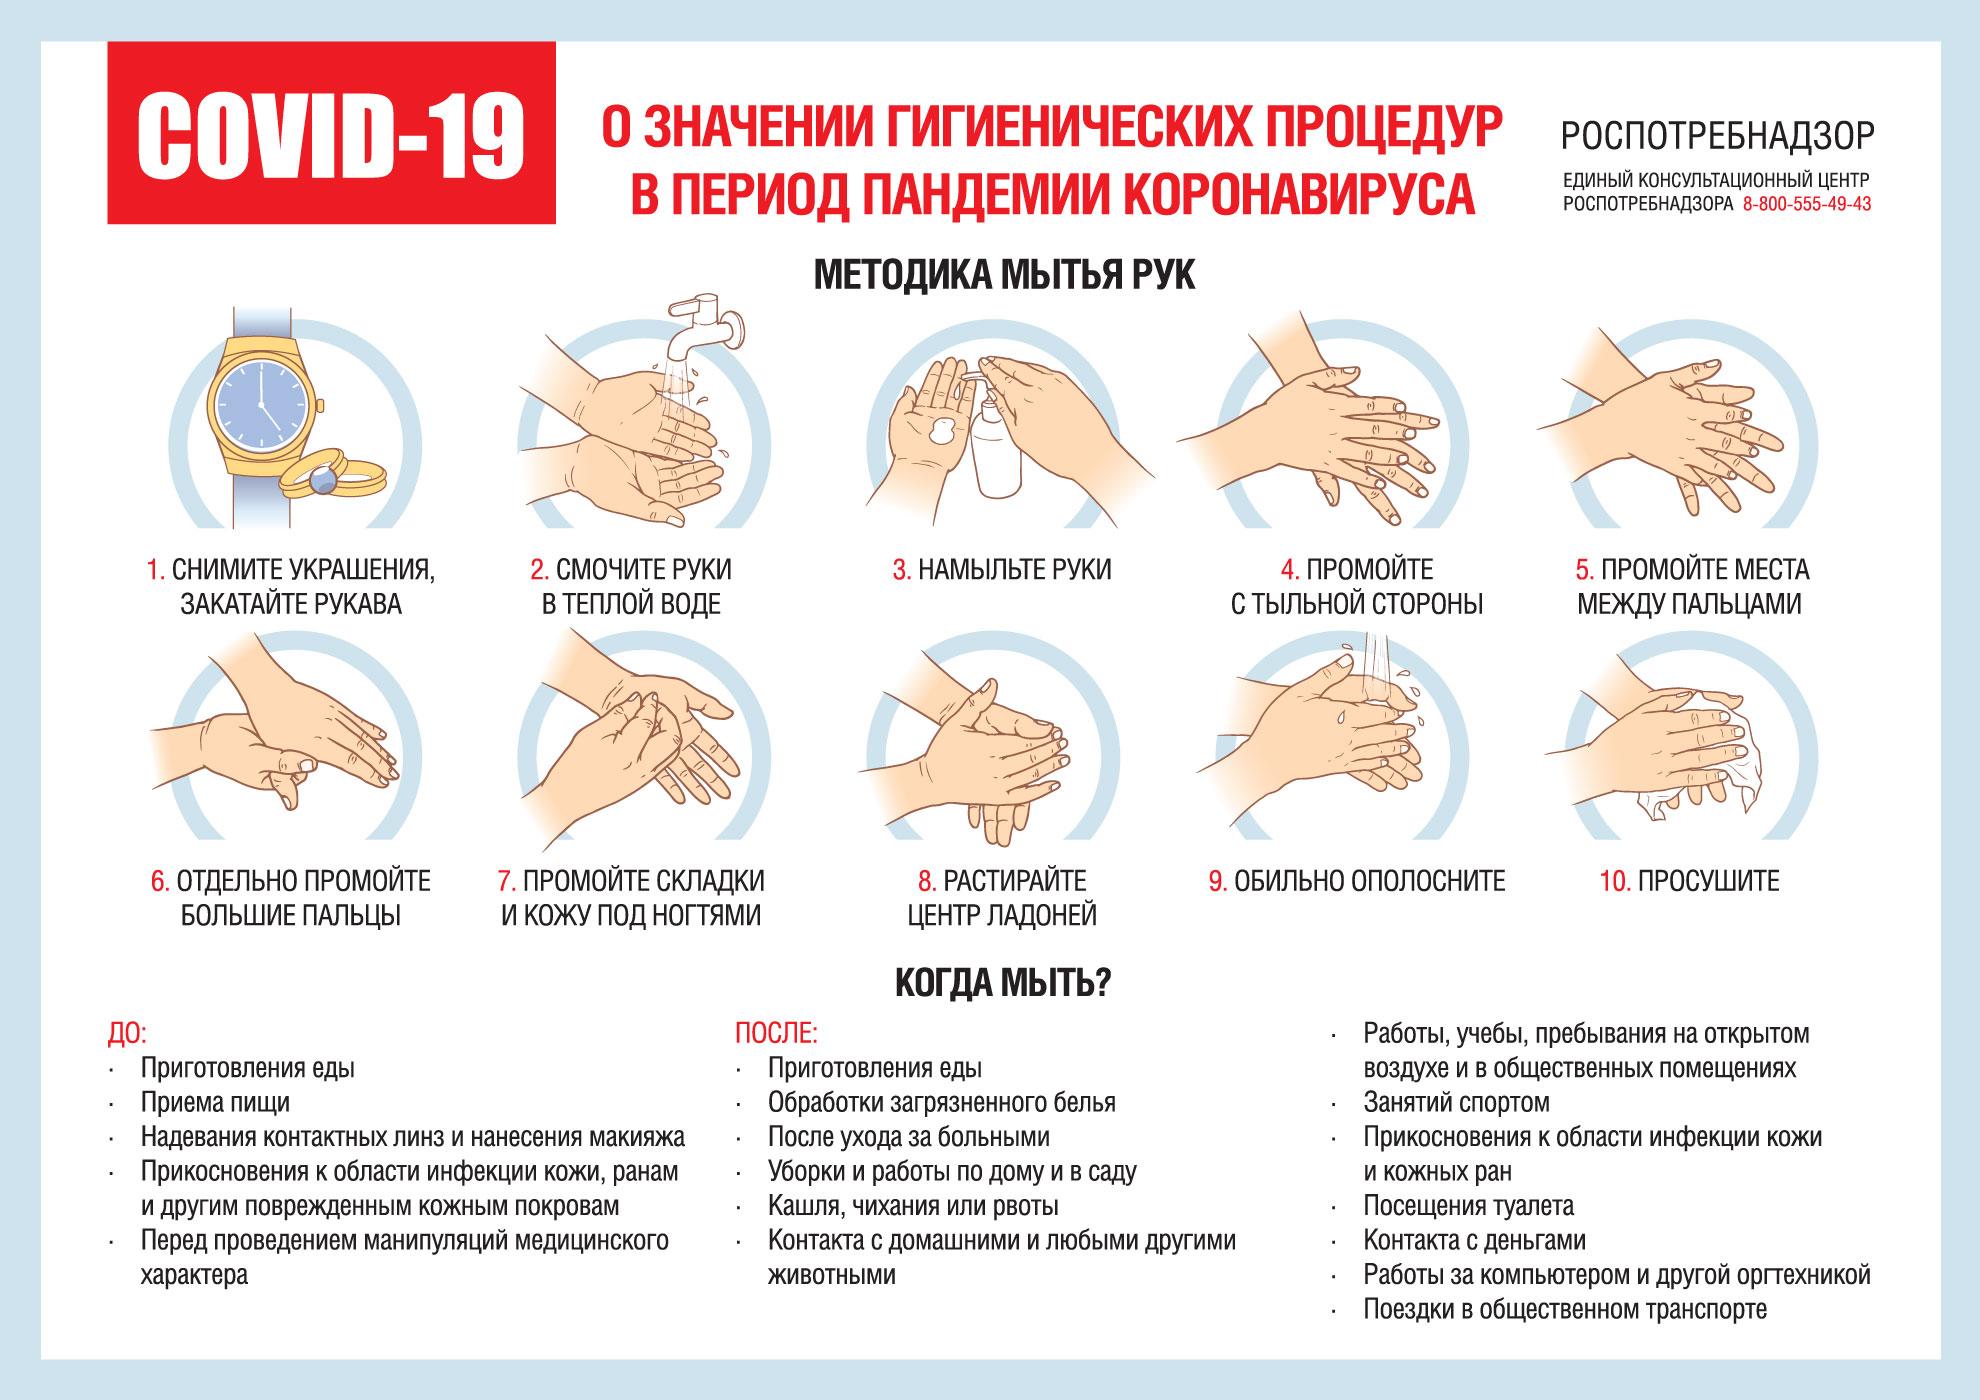 Роспотребнадзор рассказал, каким мылом можно смыть коронавирус